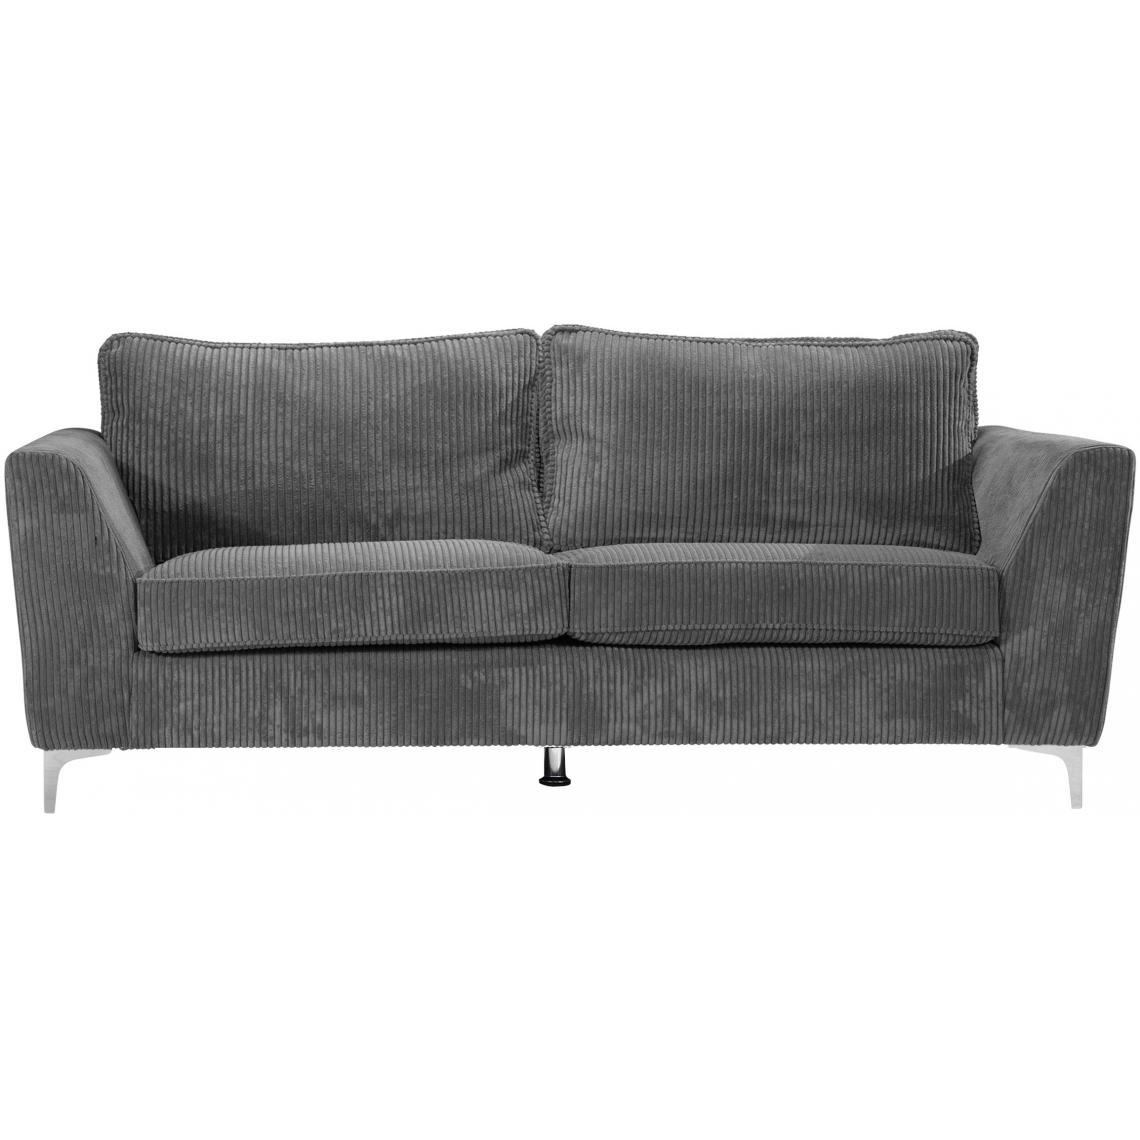 Canapé En Velours Cotelé canapé 3 places en velours côtelé gris bonita plus de détails